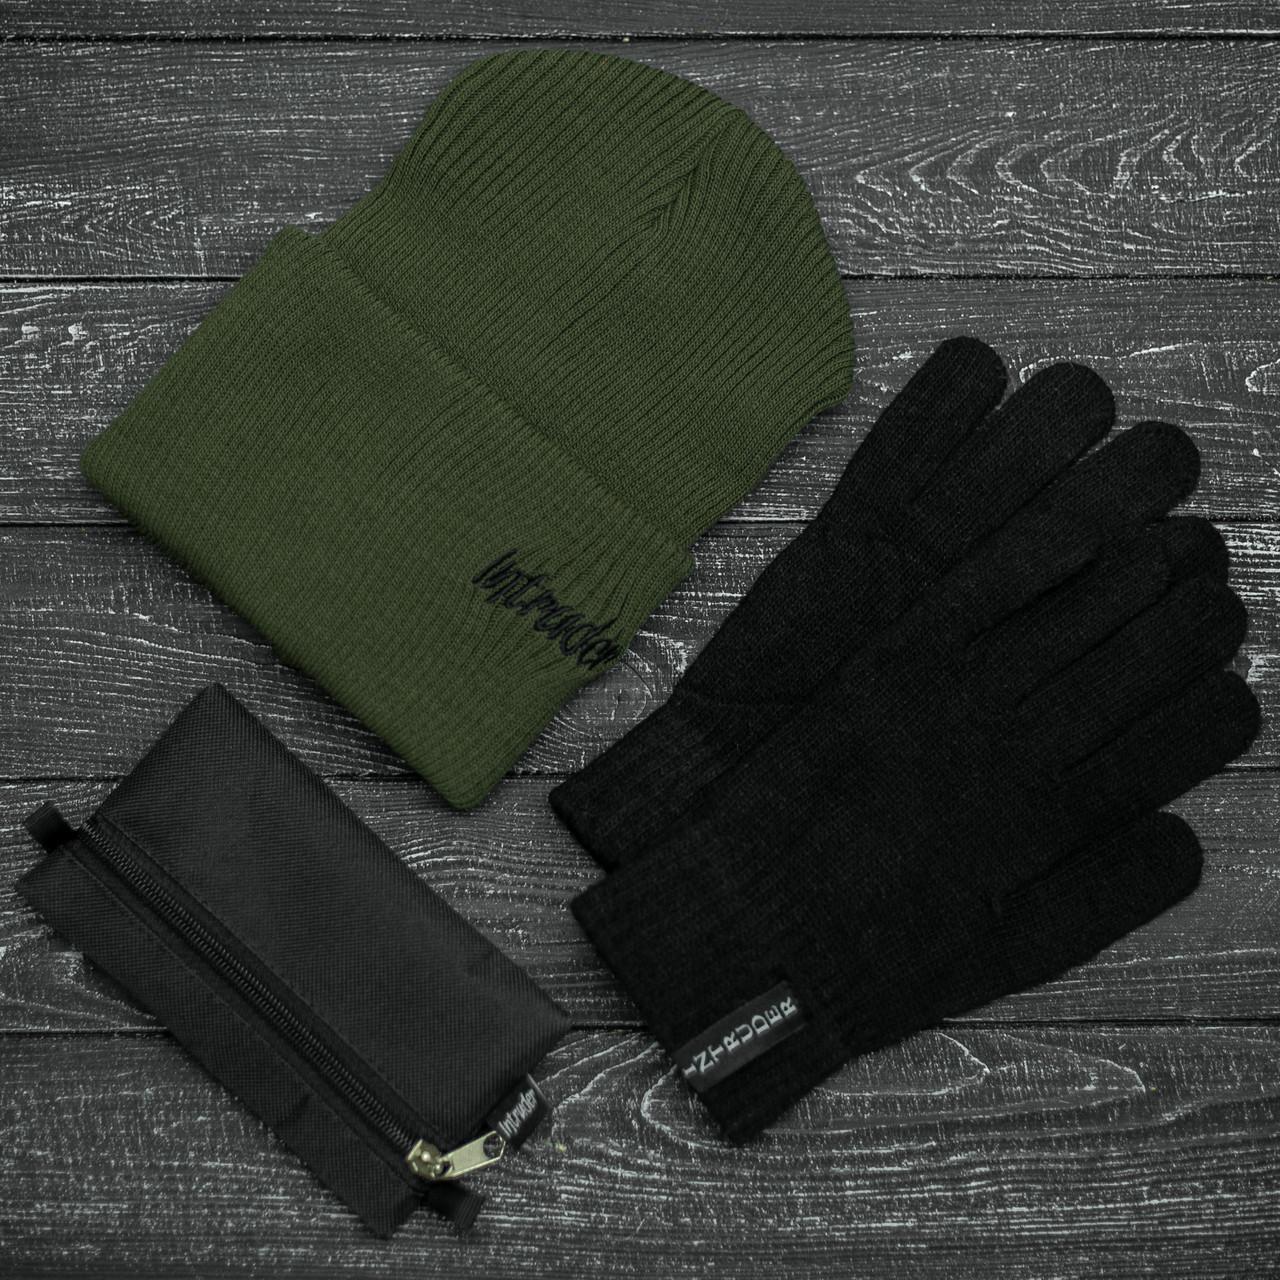 Мужская | Женская шапка Intruder хаки зимняя small logo + перчатки черные, зимний комплект + ПОДАРОК